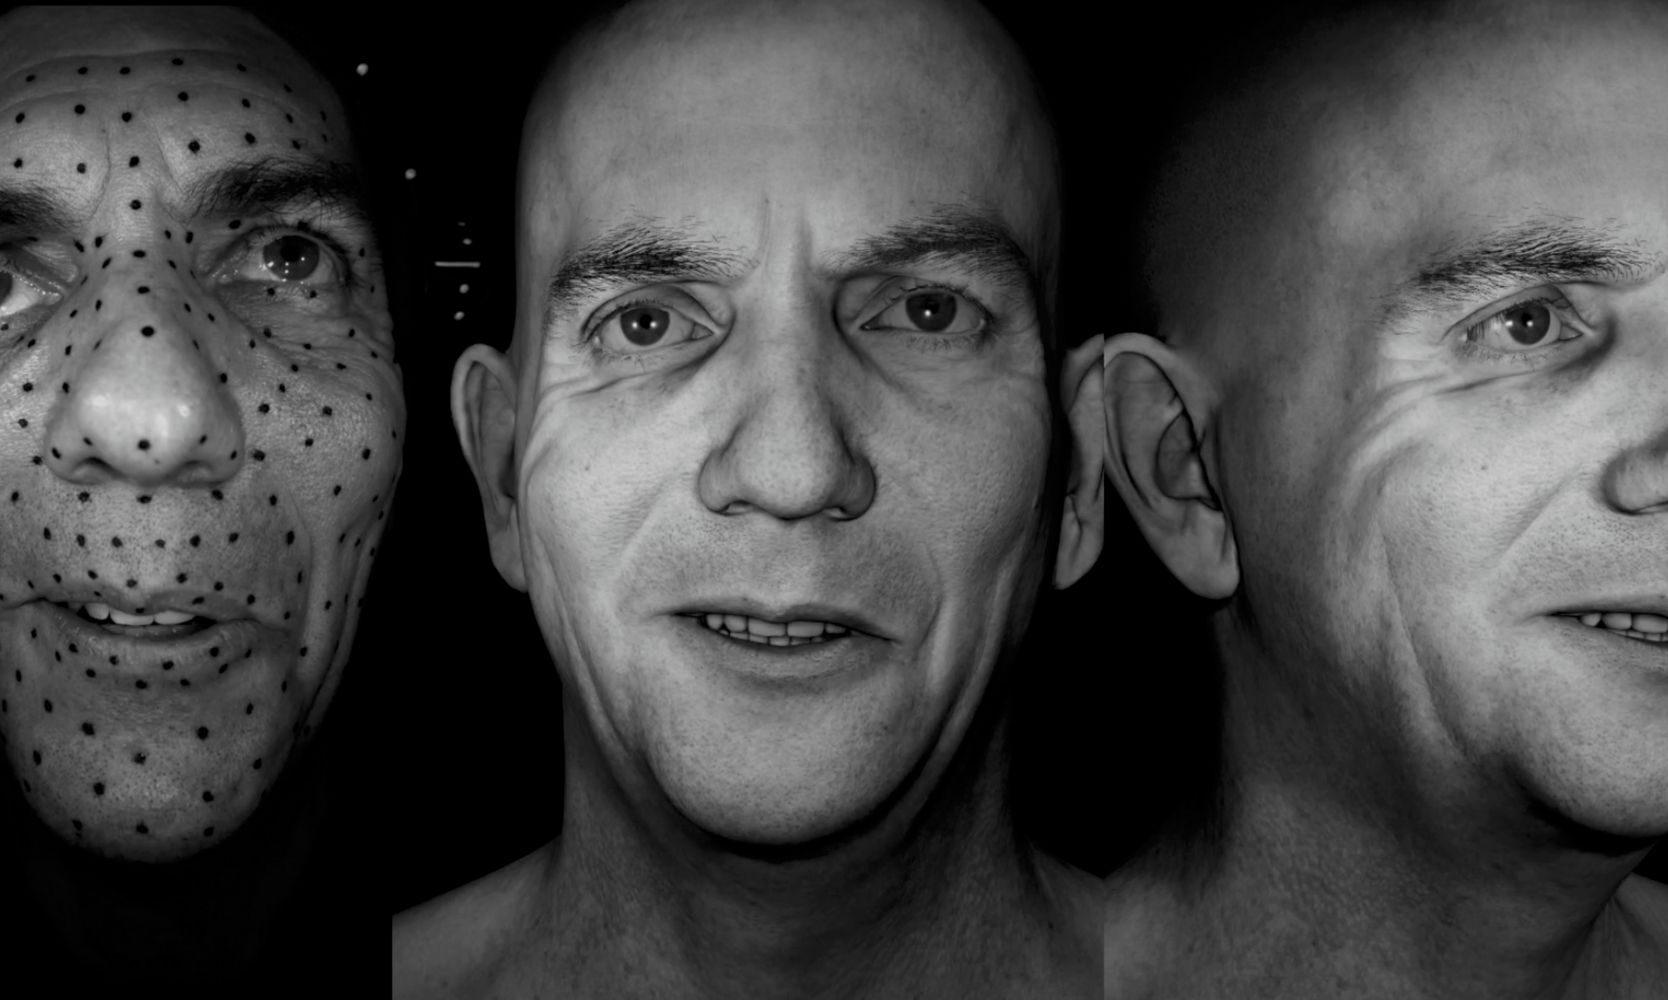 Masquerade facial capture 04